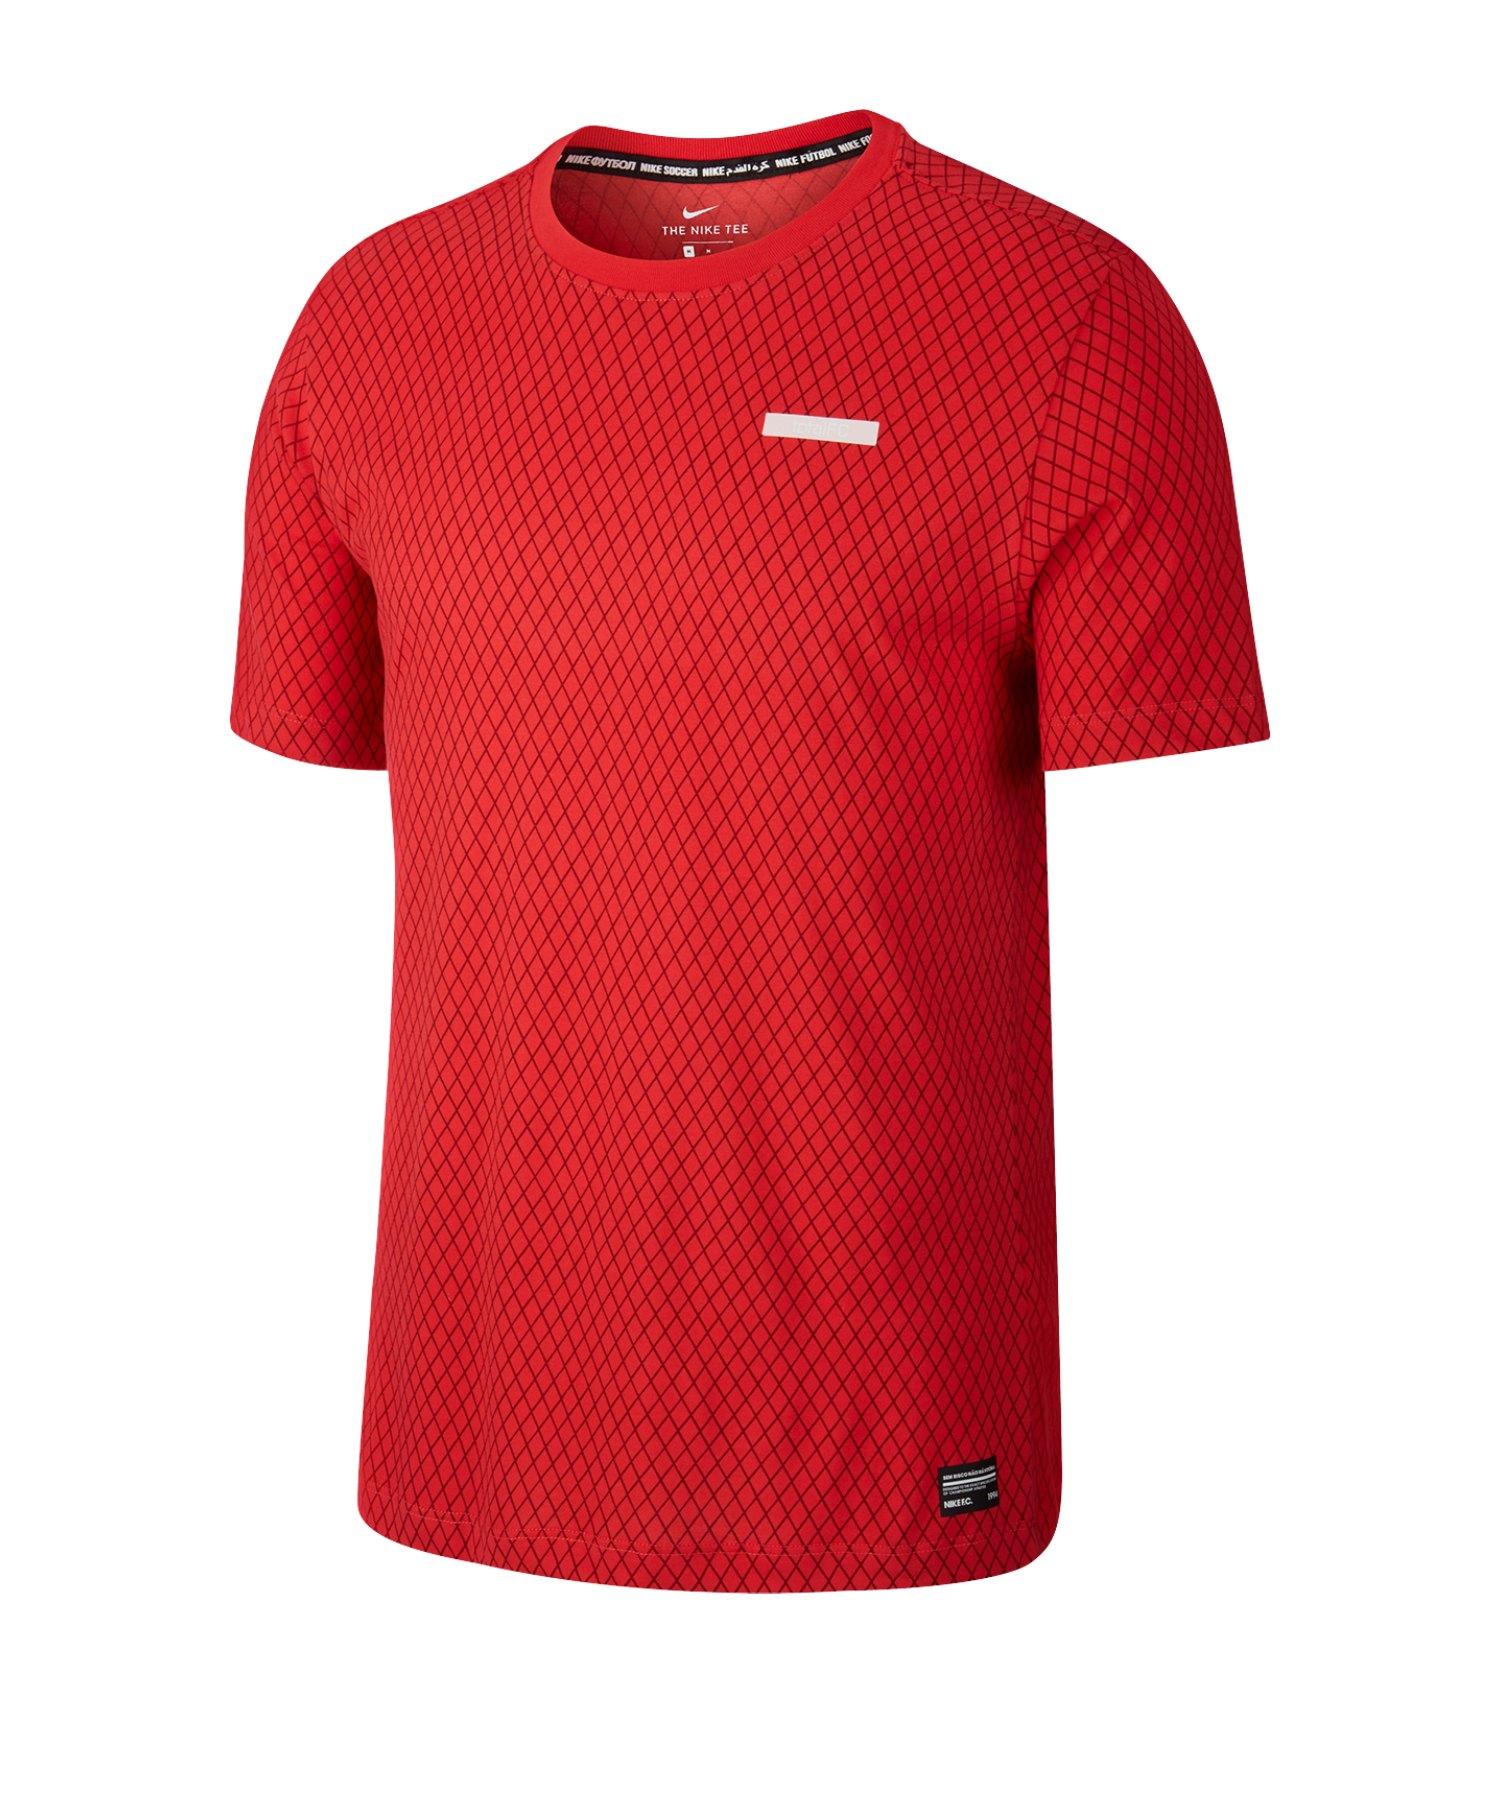 Nike F.C. Dri-FIT Trainingsshirt kurzarm Rot F631 - rot